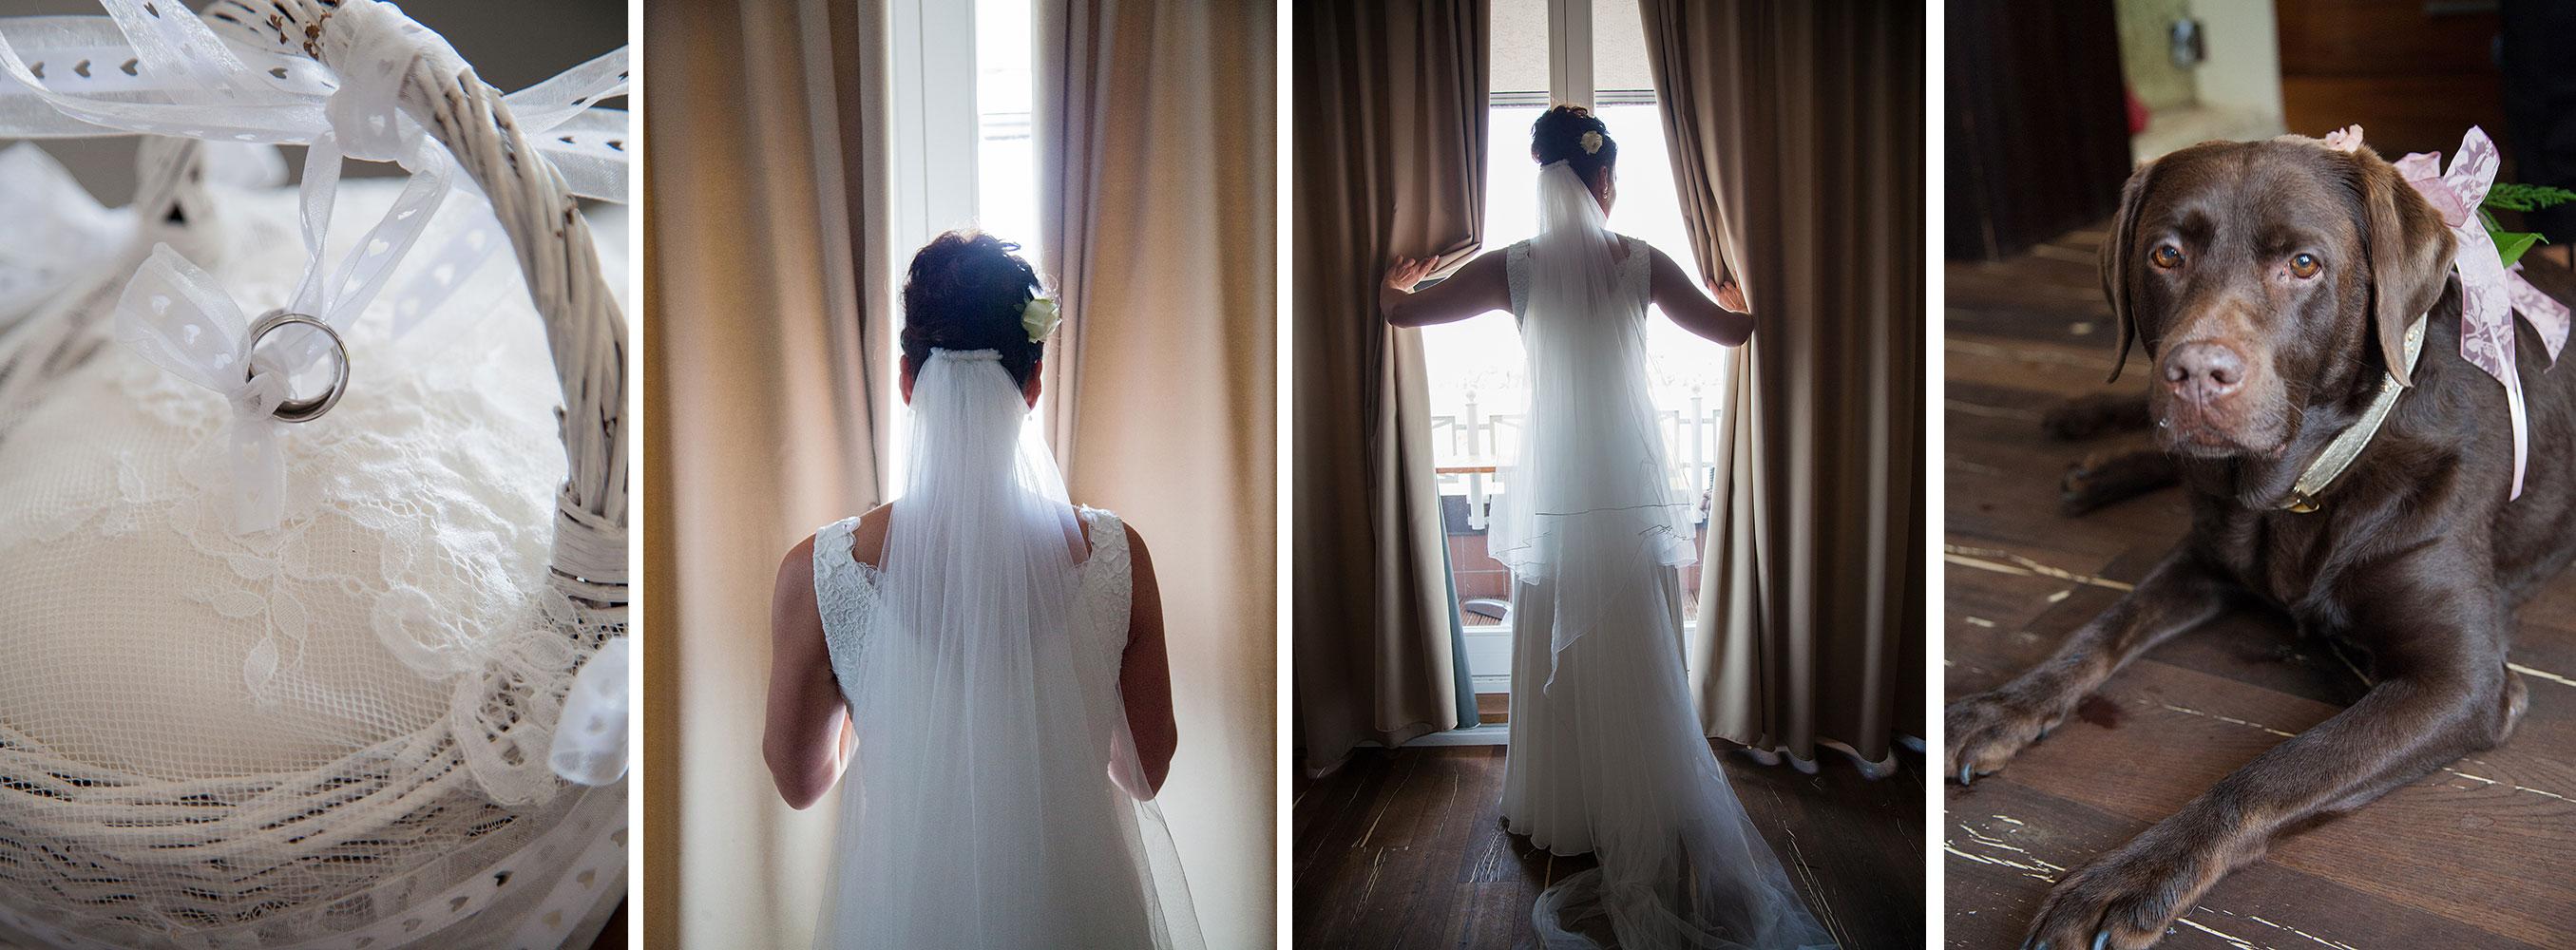 Anna Wasilewski Fotografie Hochzeit Ute und Bernd Berlin